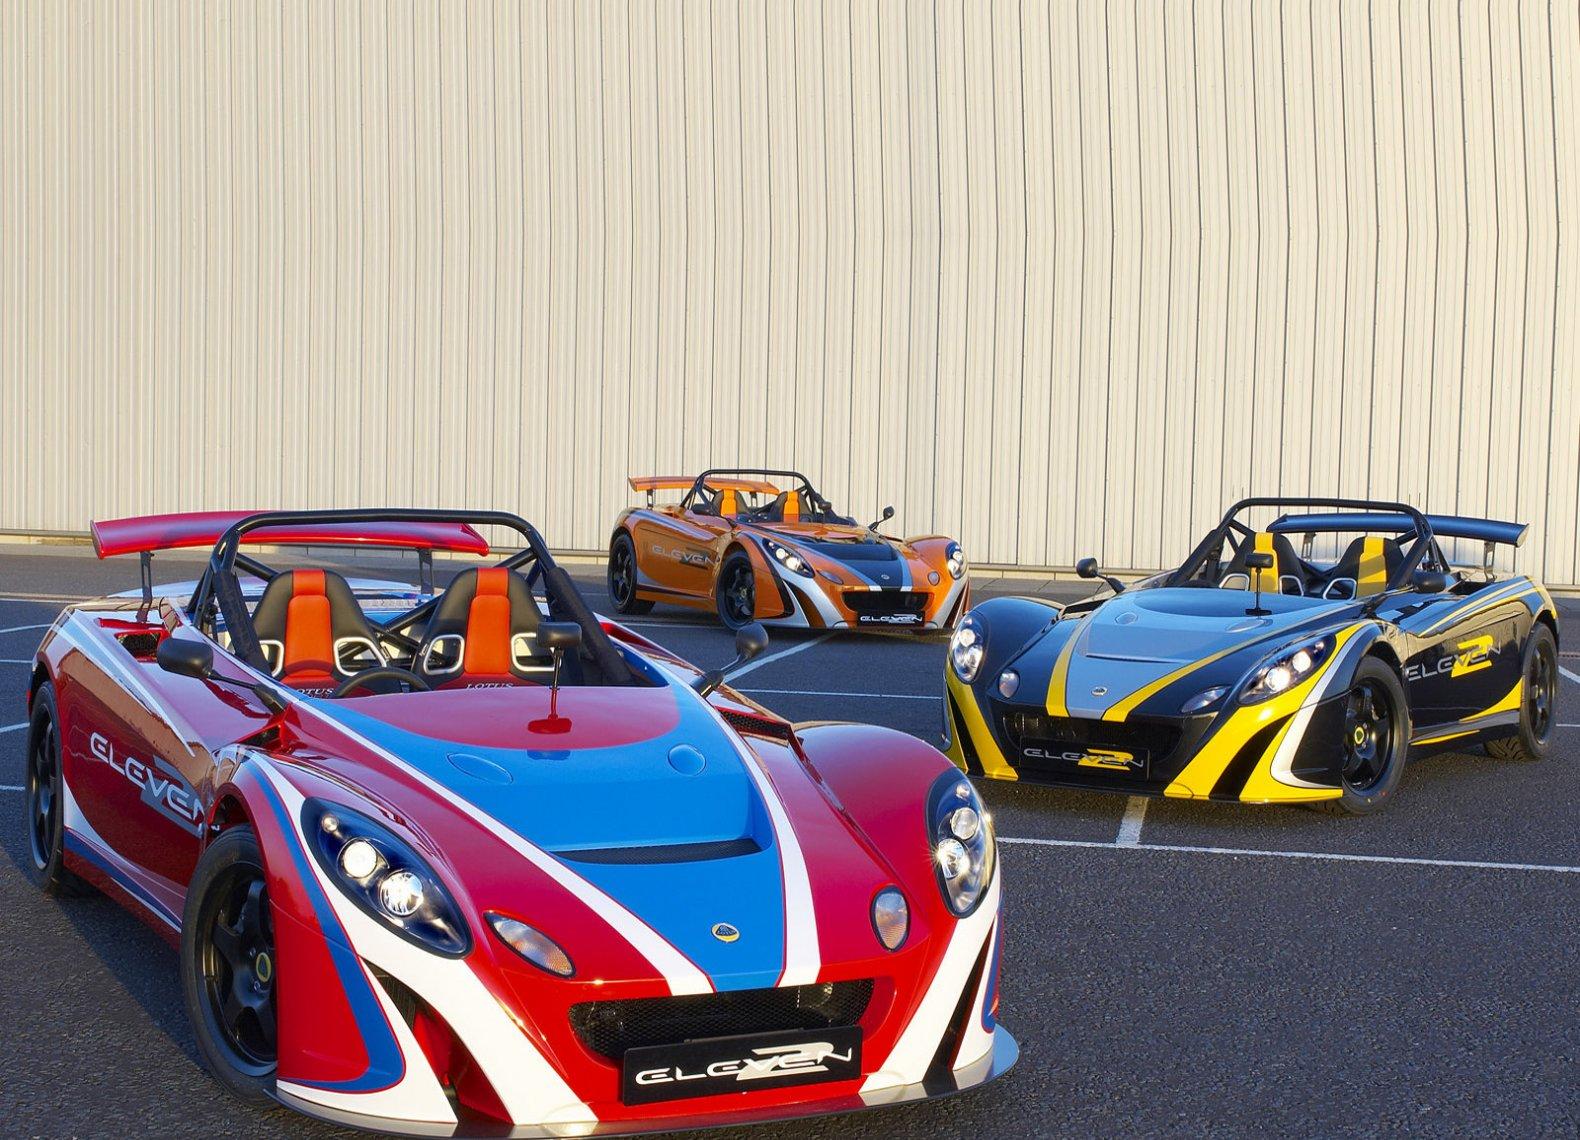 спортивный автомобиль lotus 3 eleven sports car загрузить